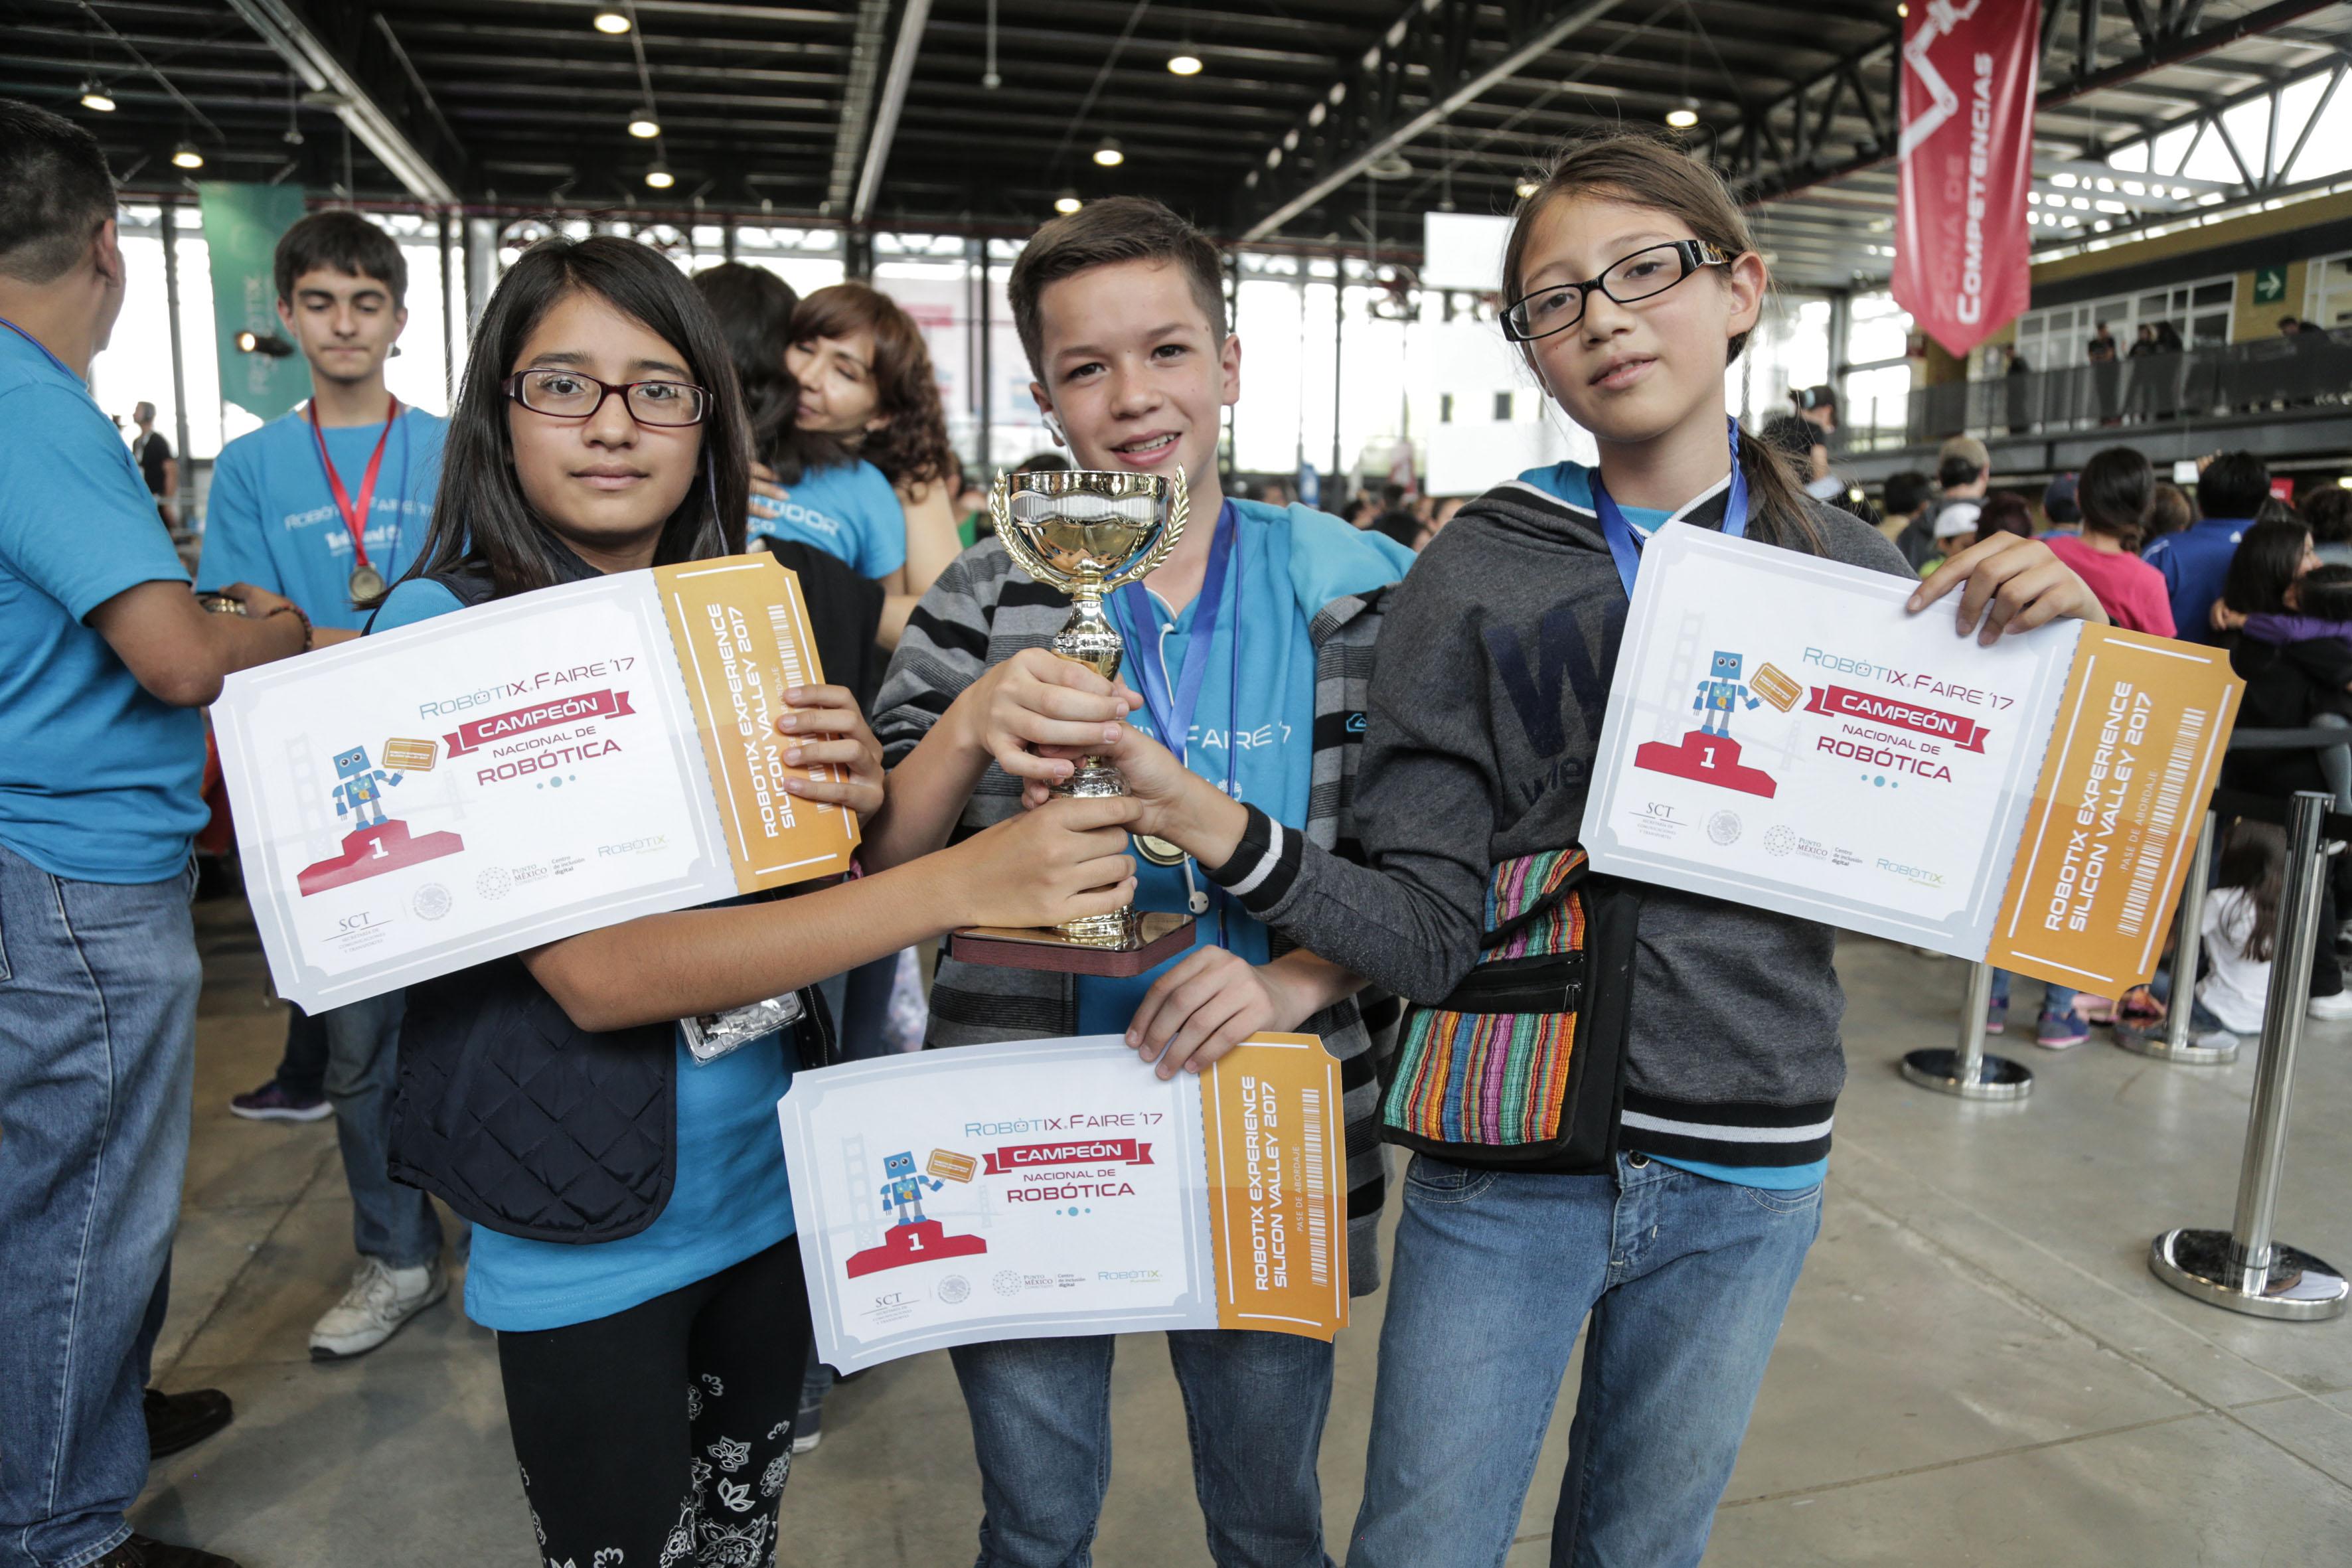 Niños jaliscienses del Punto México Conectado en el estado obtuvieron el primer lugar en la categoría de Robótica Intermedia en la Feria Nacional de Robótica 2017 (Robotix Faire)